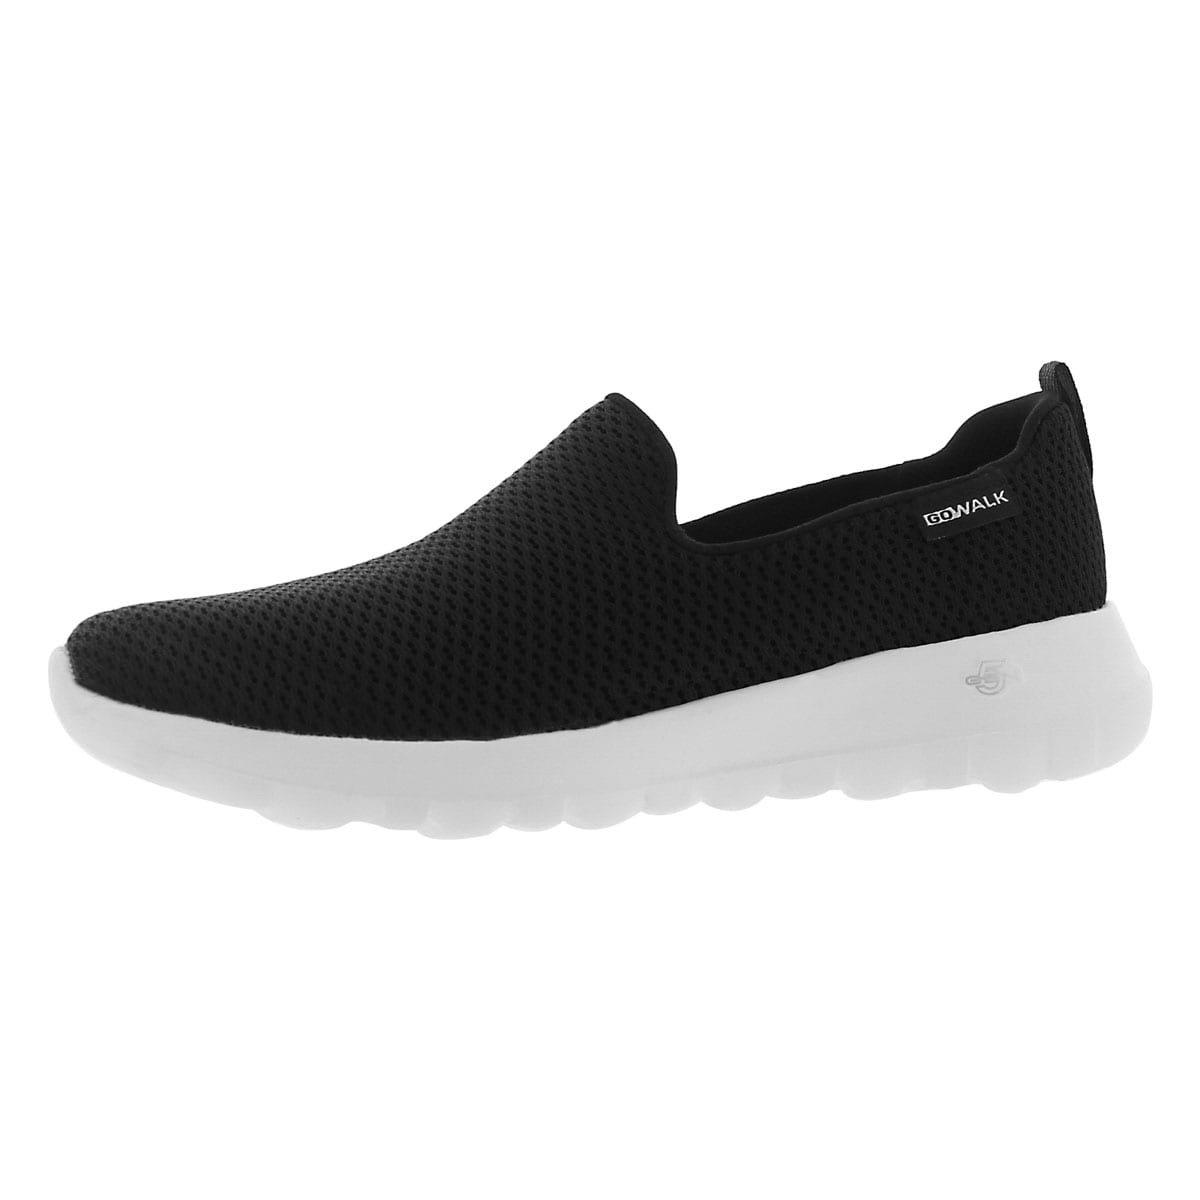 Skechers Women's GO Walk Joy Slip On Walking Shoe Blk/Wht 10 M US